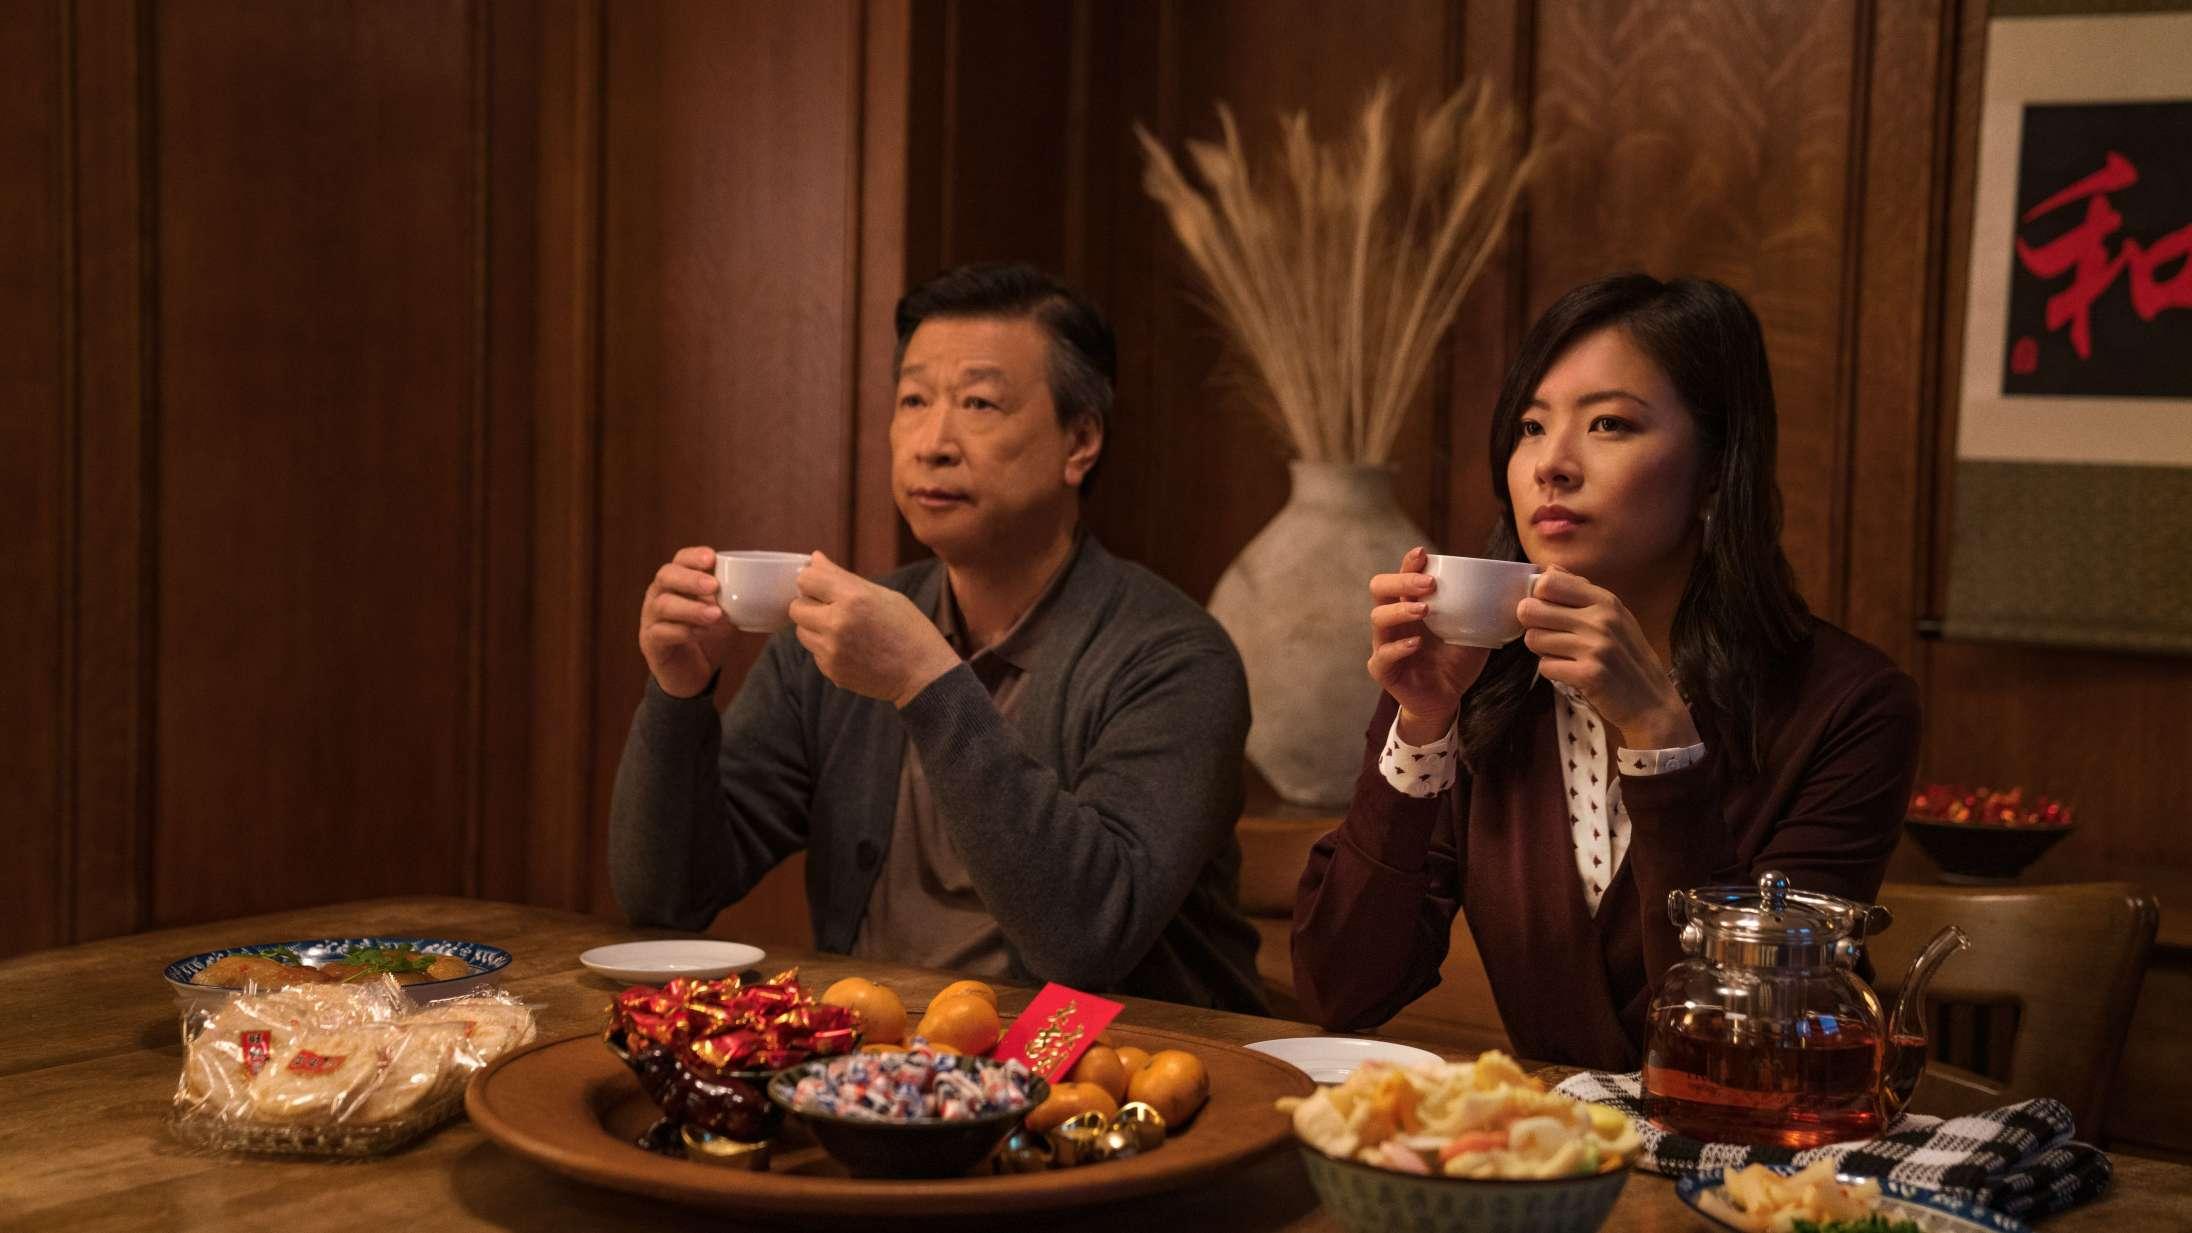 'Tigertail': 'Master of None'-skabers nye Netflix-film er et følelsesladet og personligt immigrantportræt